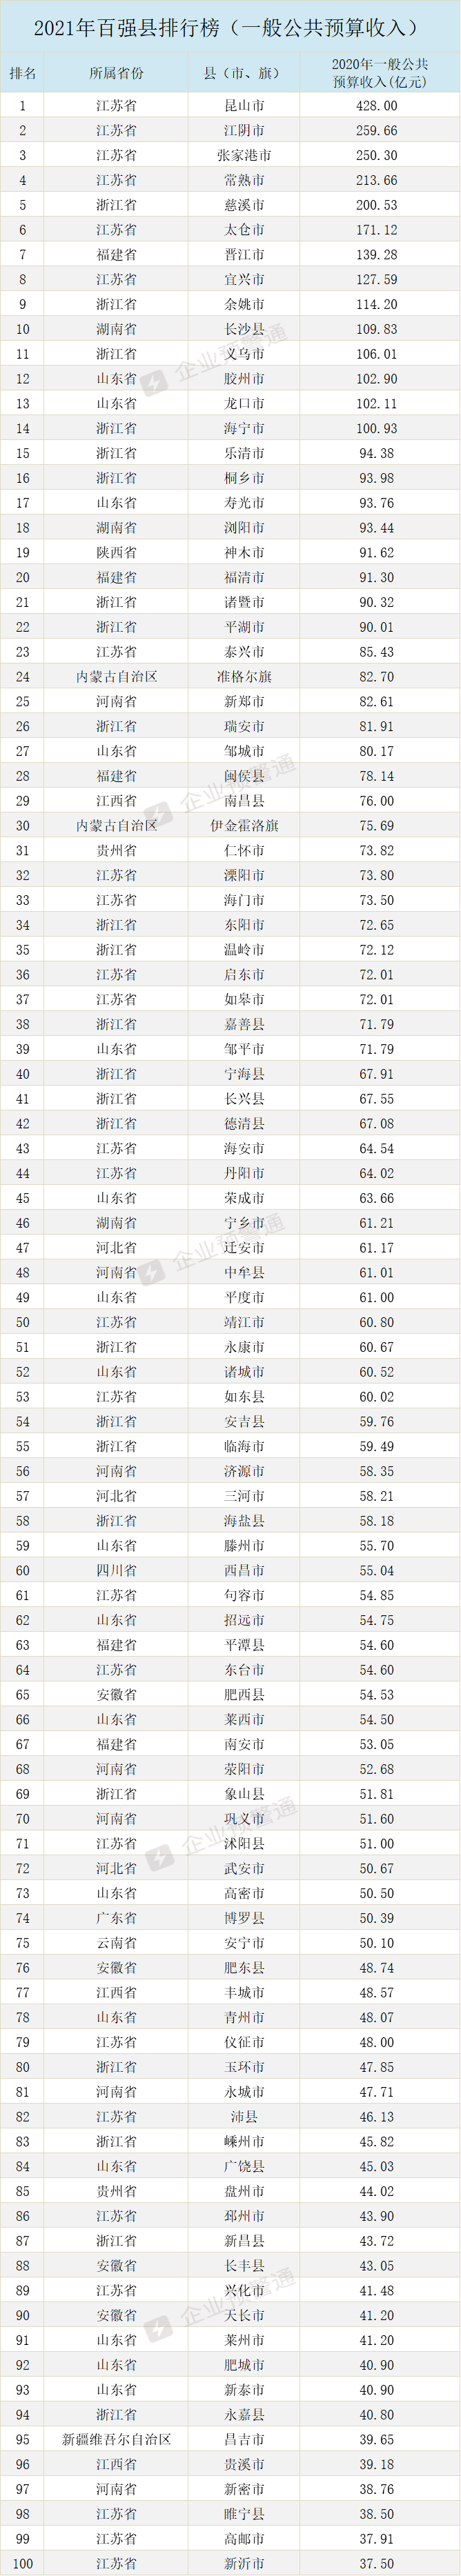 2021河南各县gdp排名_2021上半年各省GDP排行,湖北同比增速全国第一!